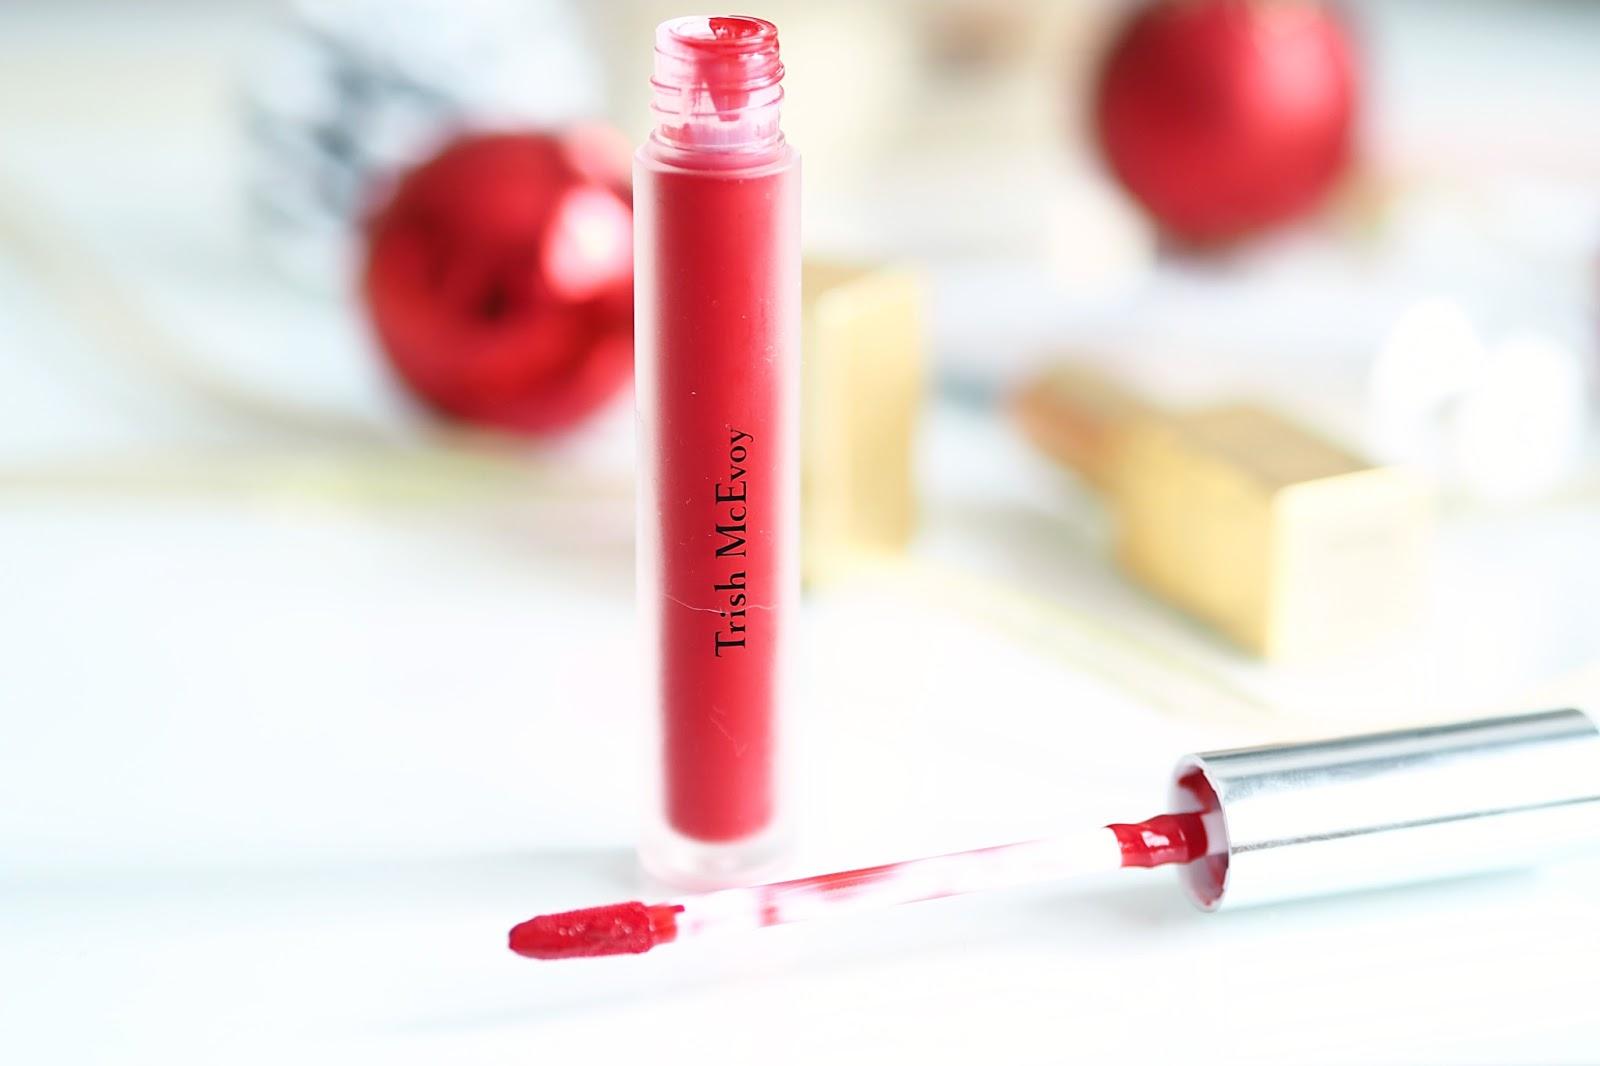 Trish McEvoy liquid lip color